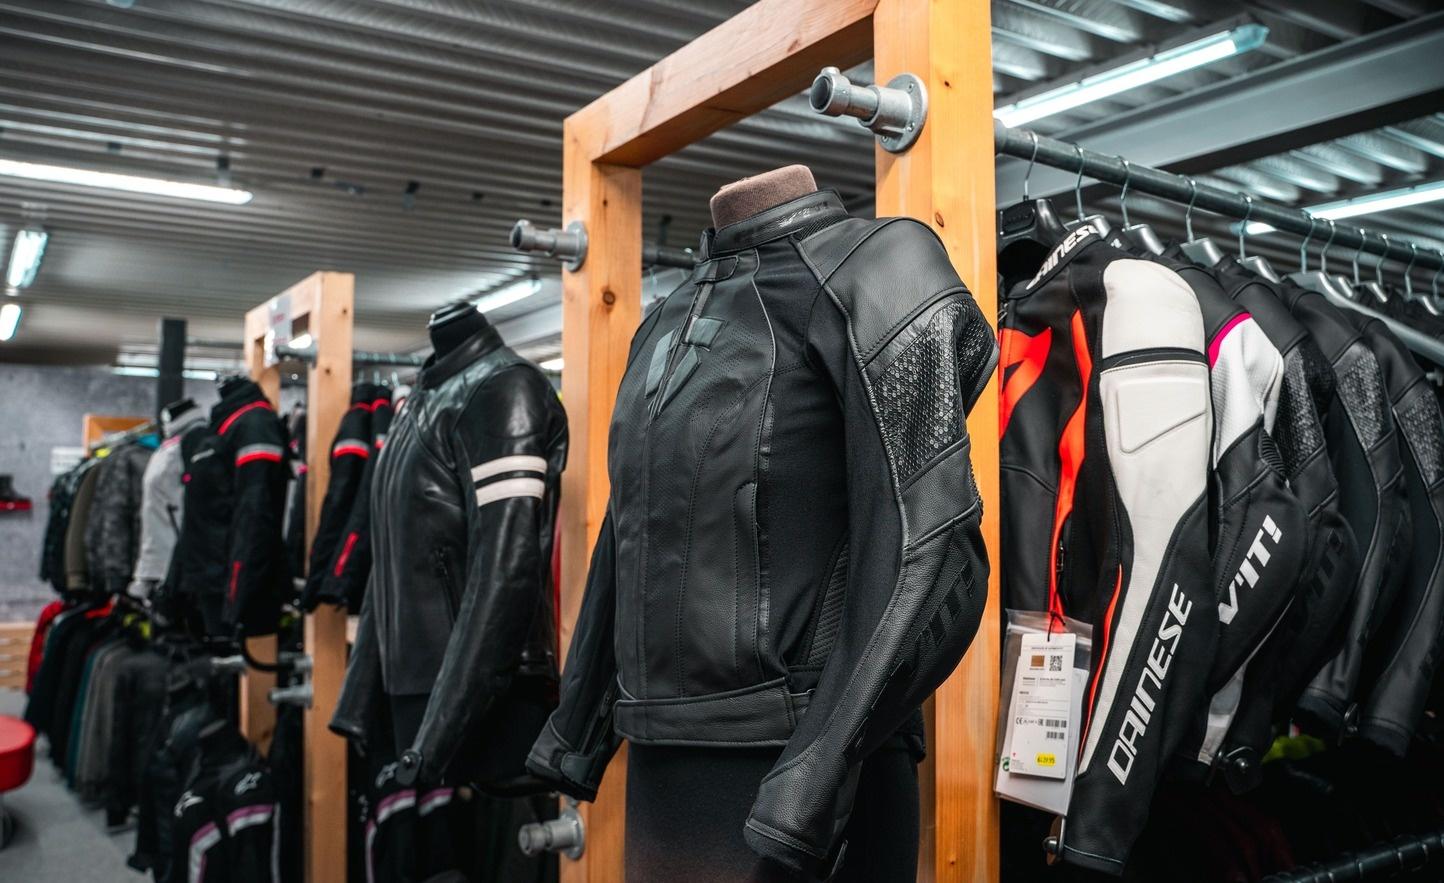 Nog een impressie van MKC Moto Kortrijk store afbeelding nummer 3